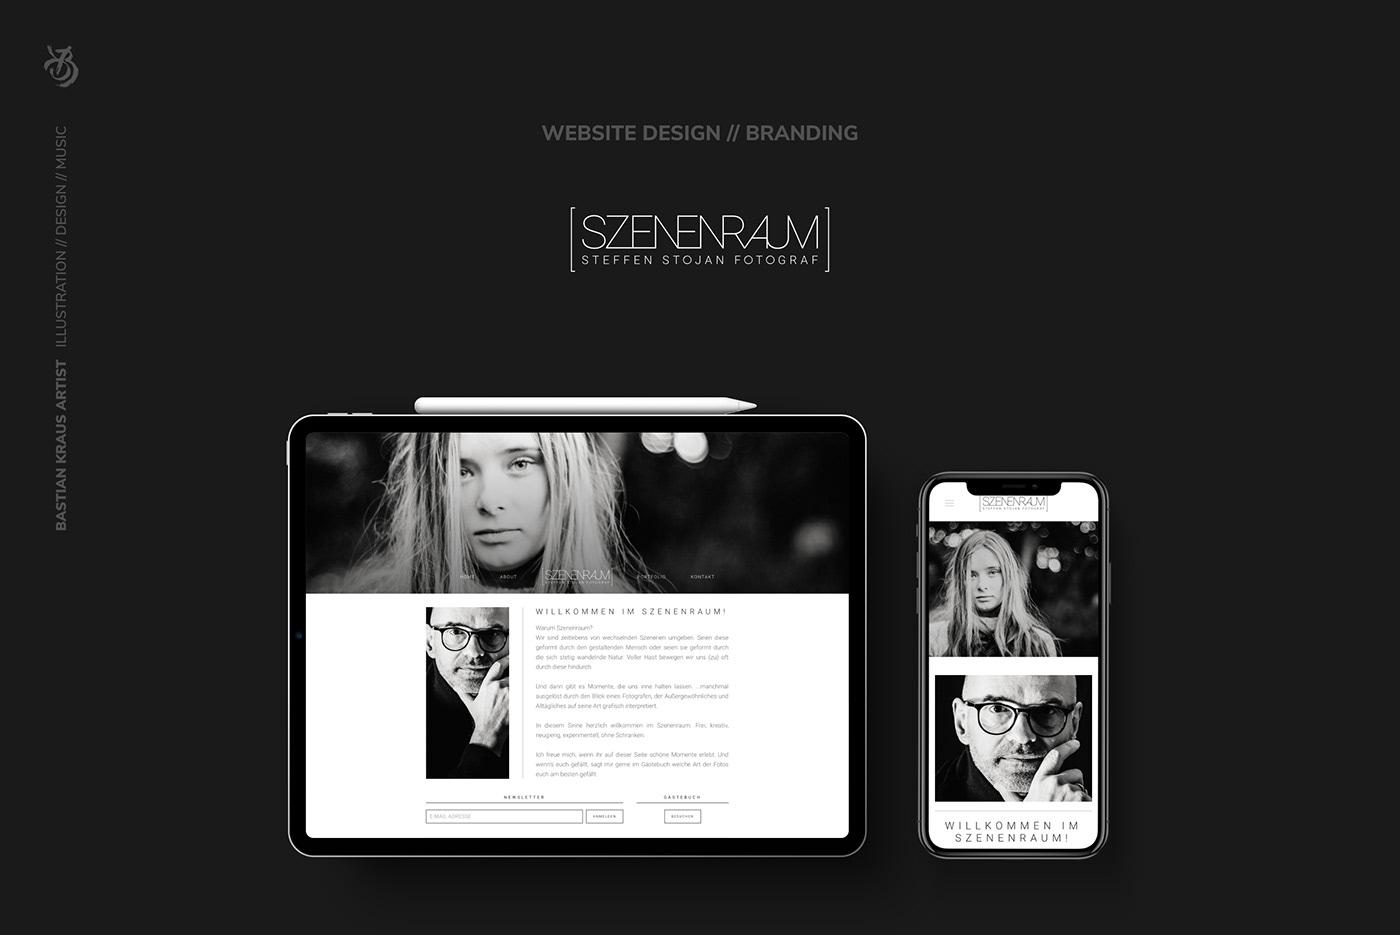 SZENENRAUM // Branding